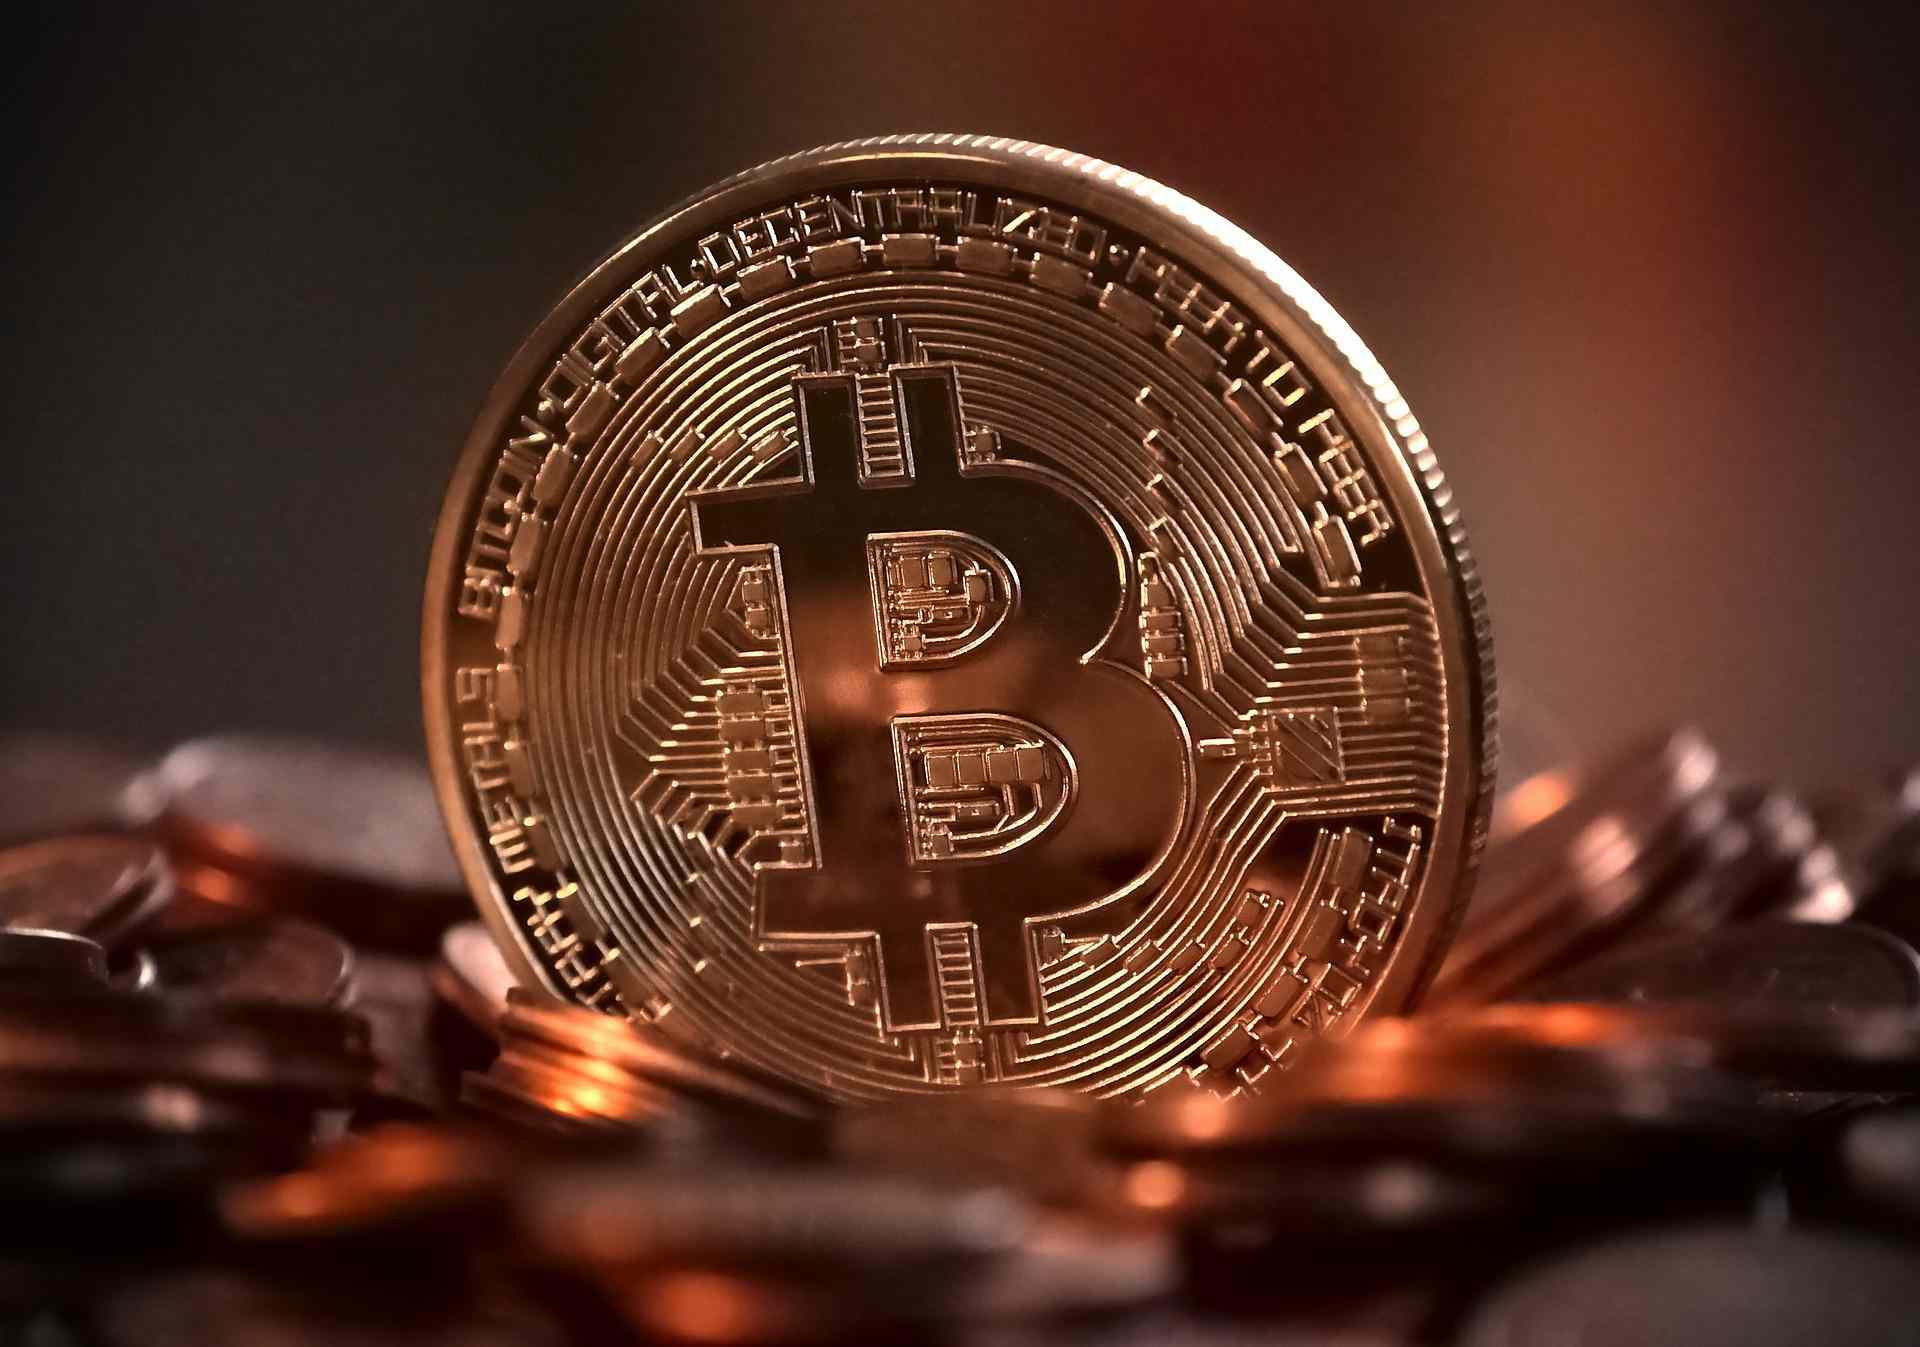 Bitcoin representation in copper coin